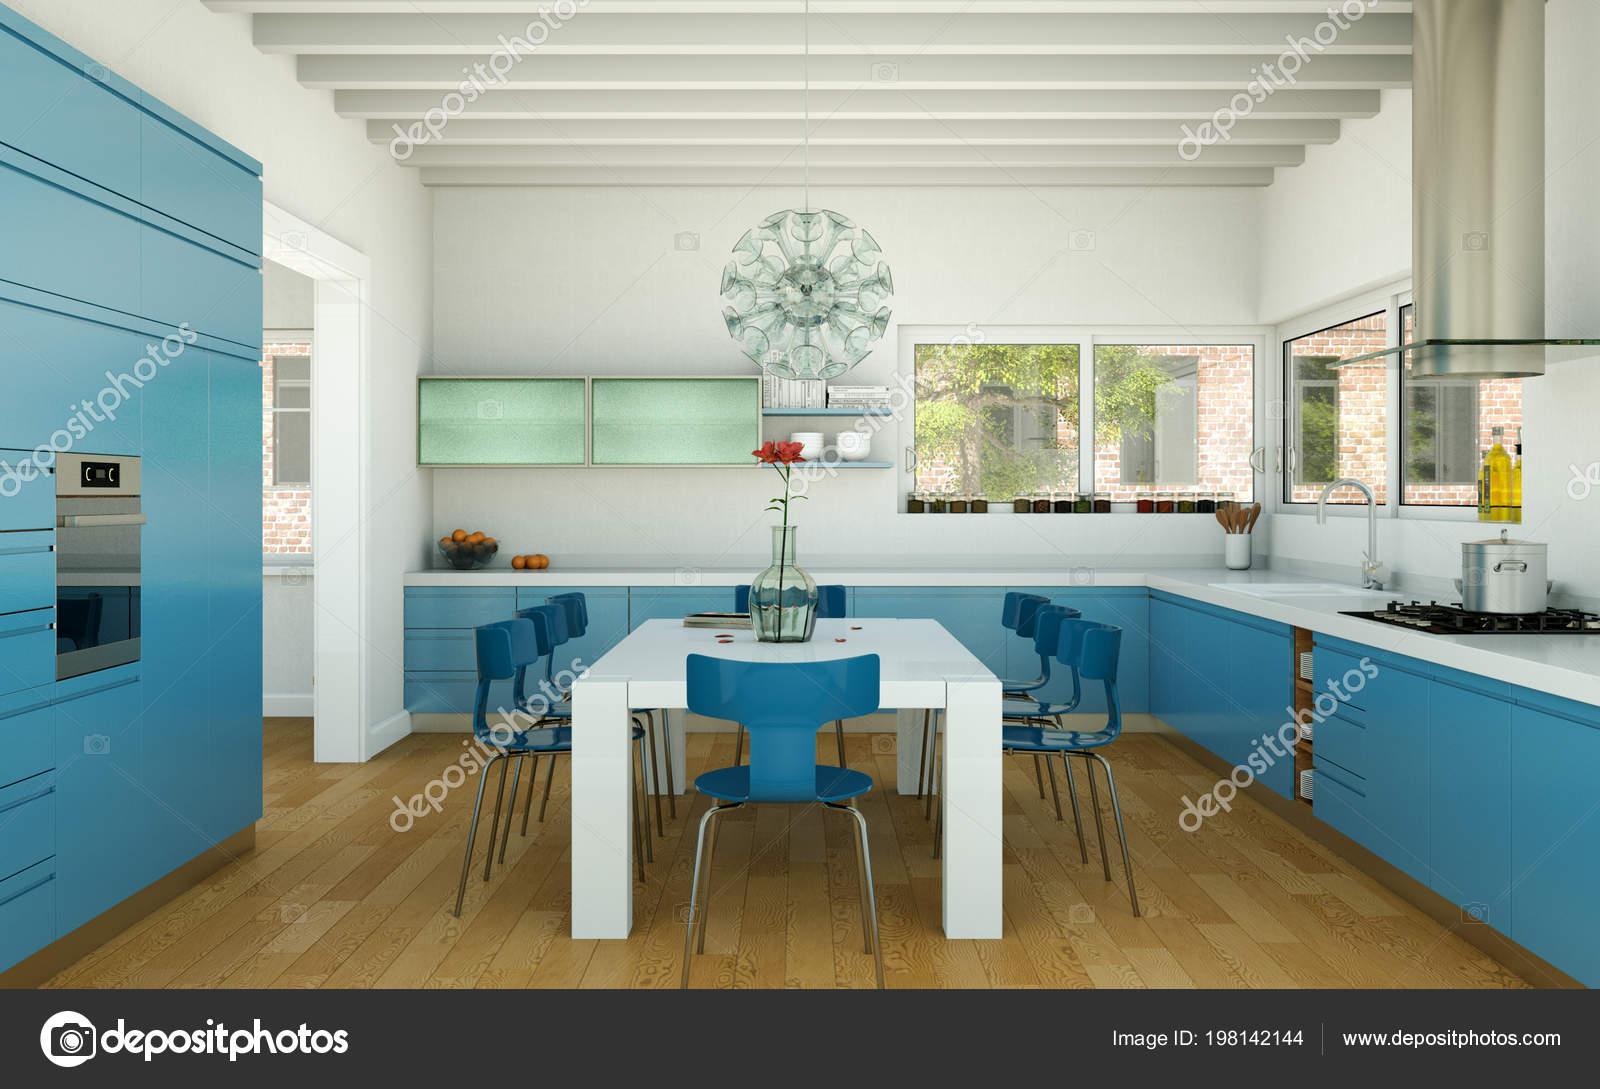 Cuisine moderne bleue dans une maison avec un beau design ...